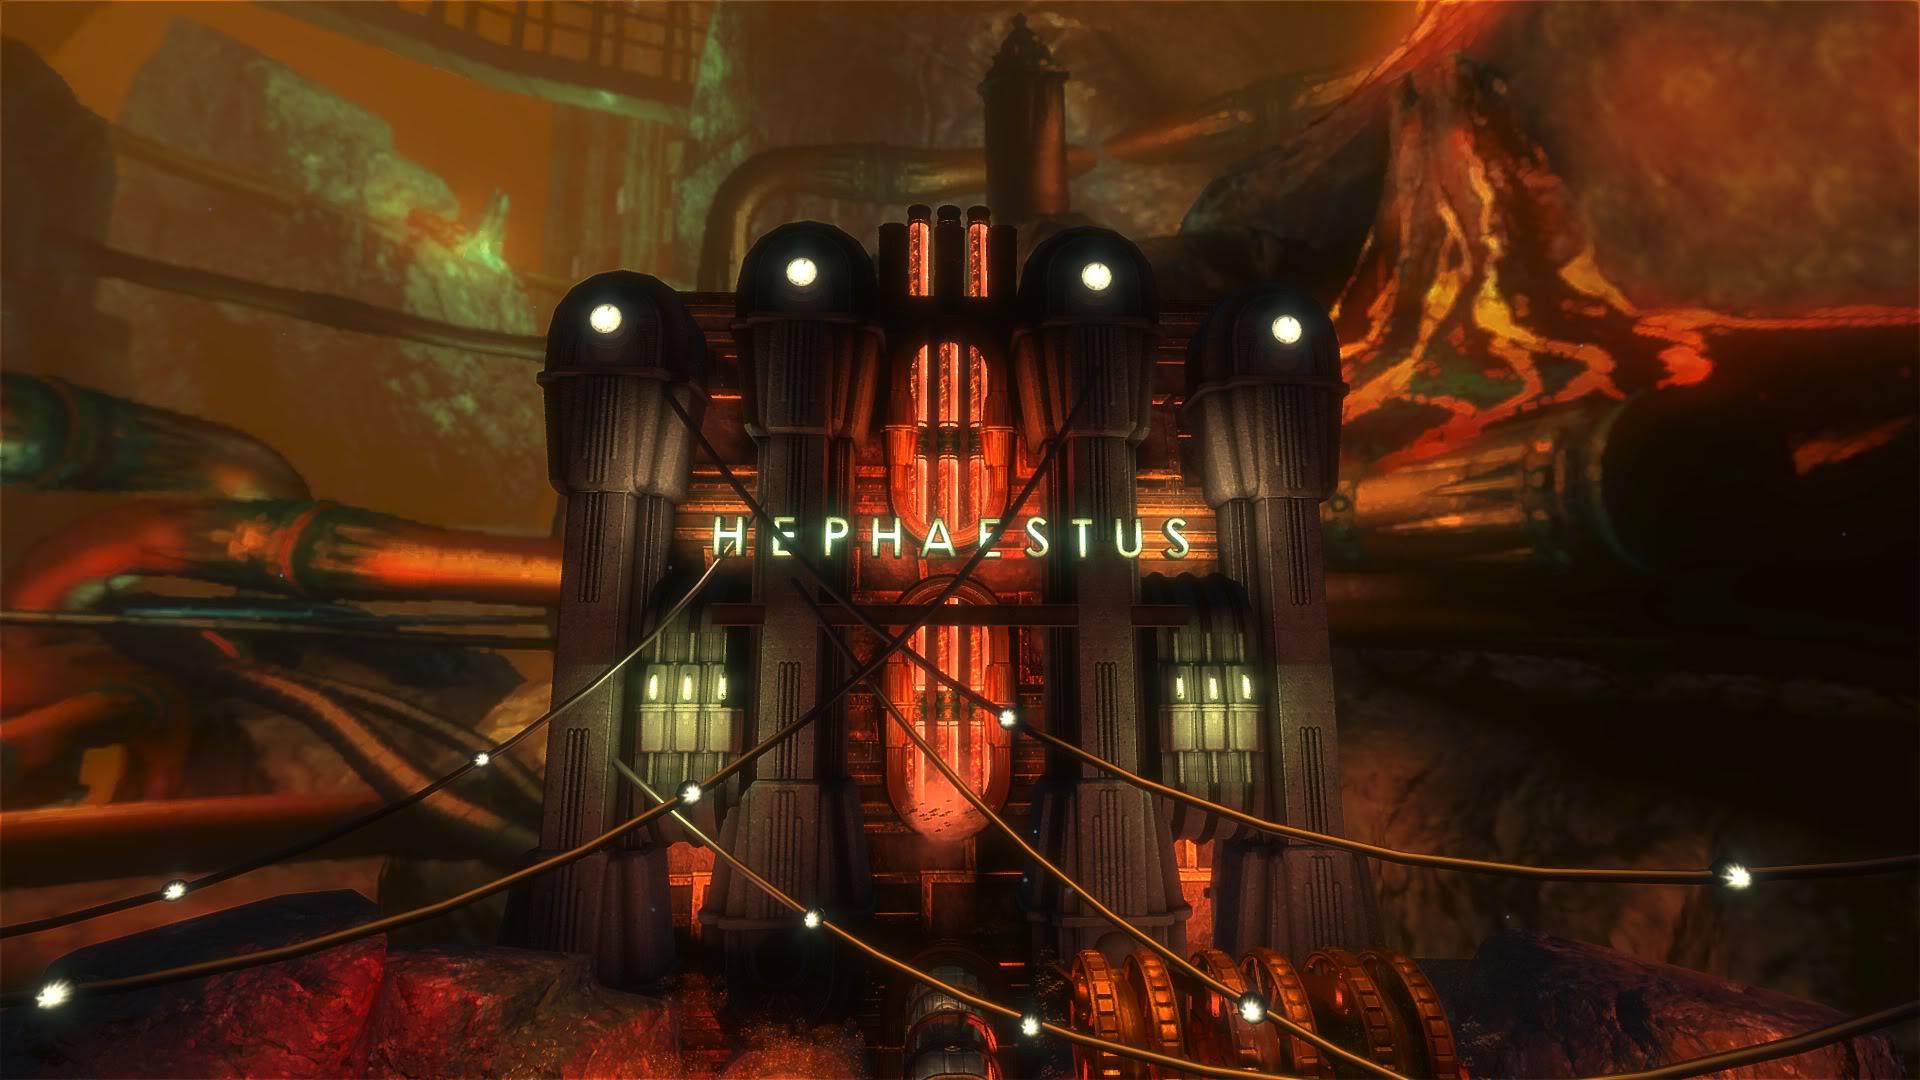 Hephaestus bioshock wiki fandom powered by wikia - Bioshock wikia ...